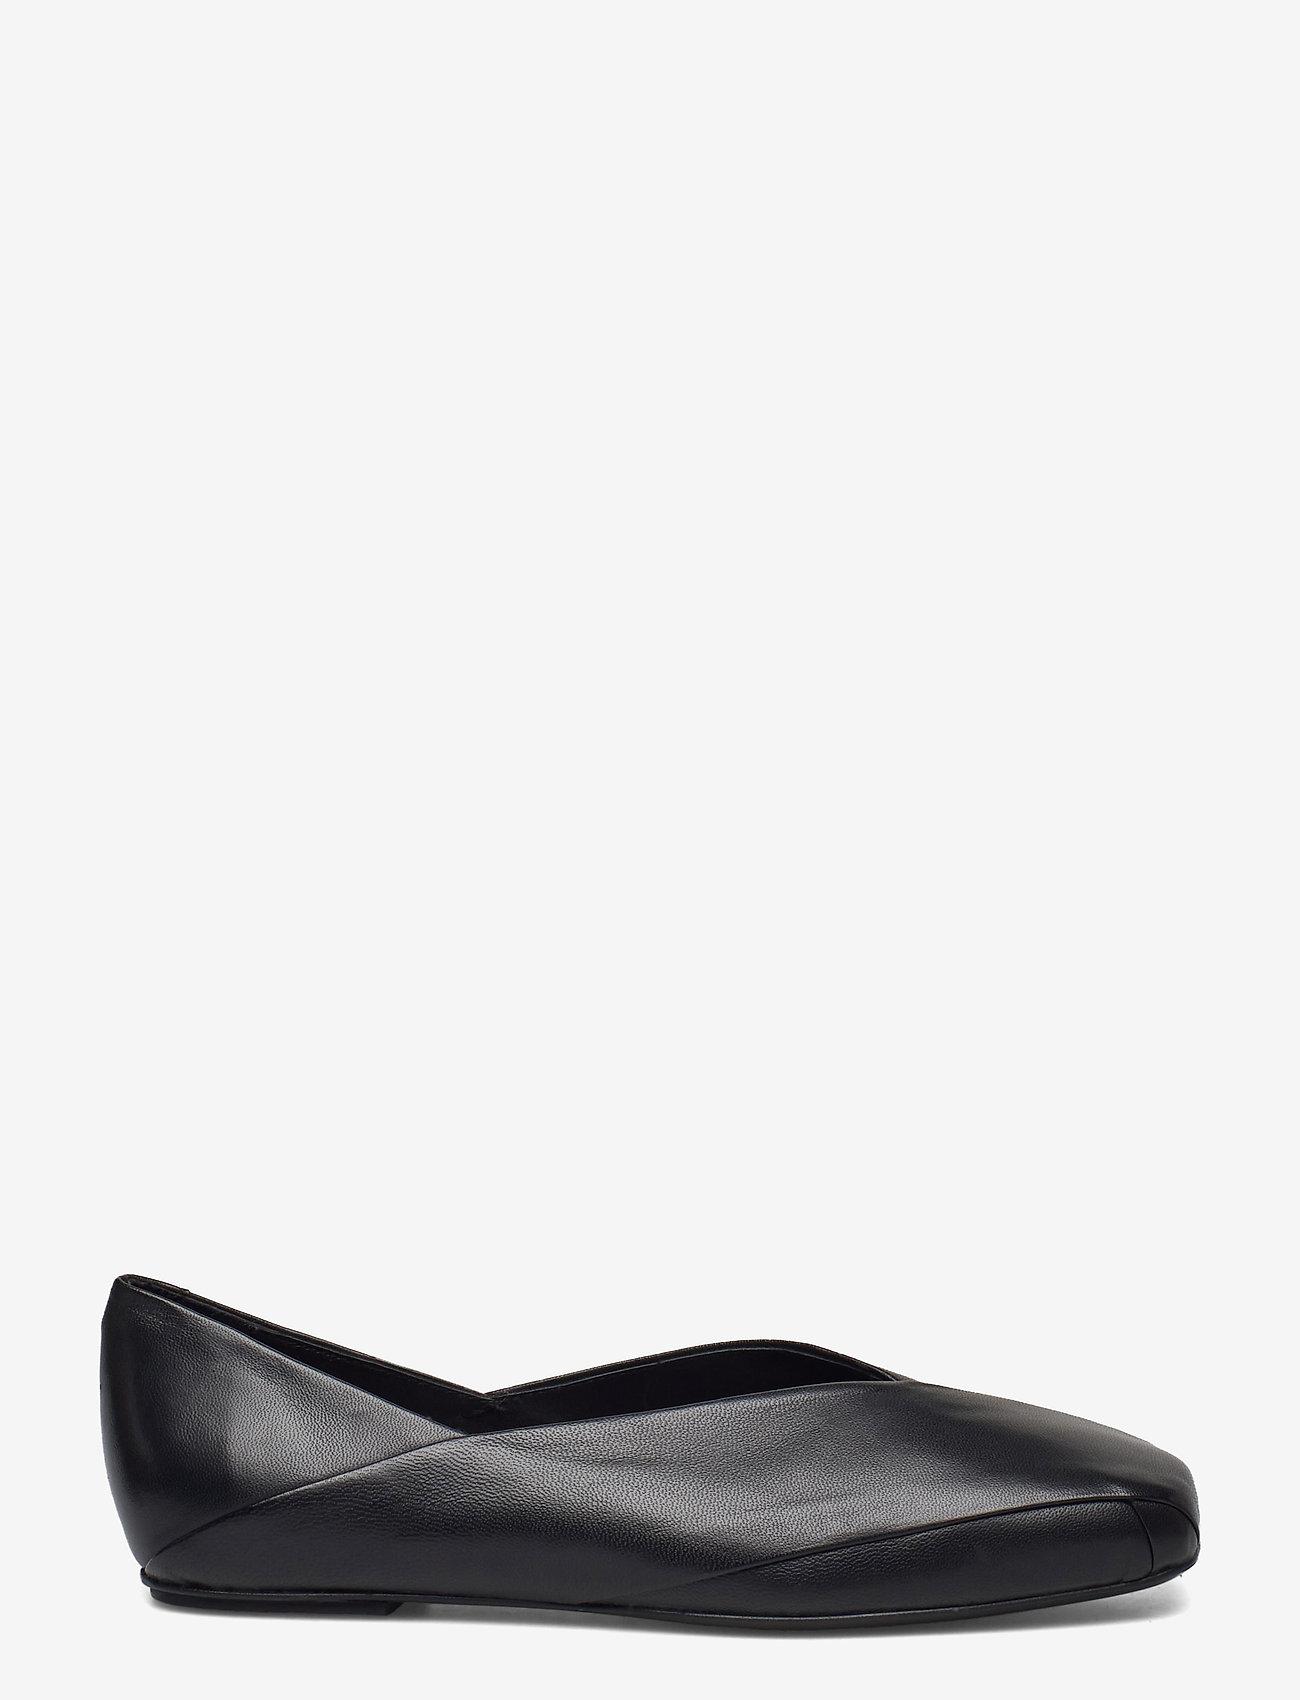 RODEBJER - RODEBJER YLENA - schoenen - black - 1